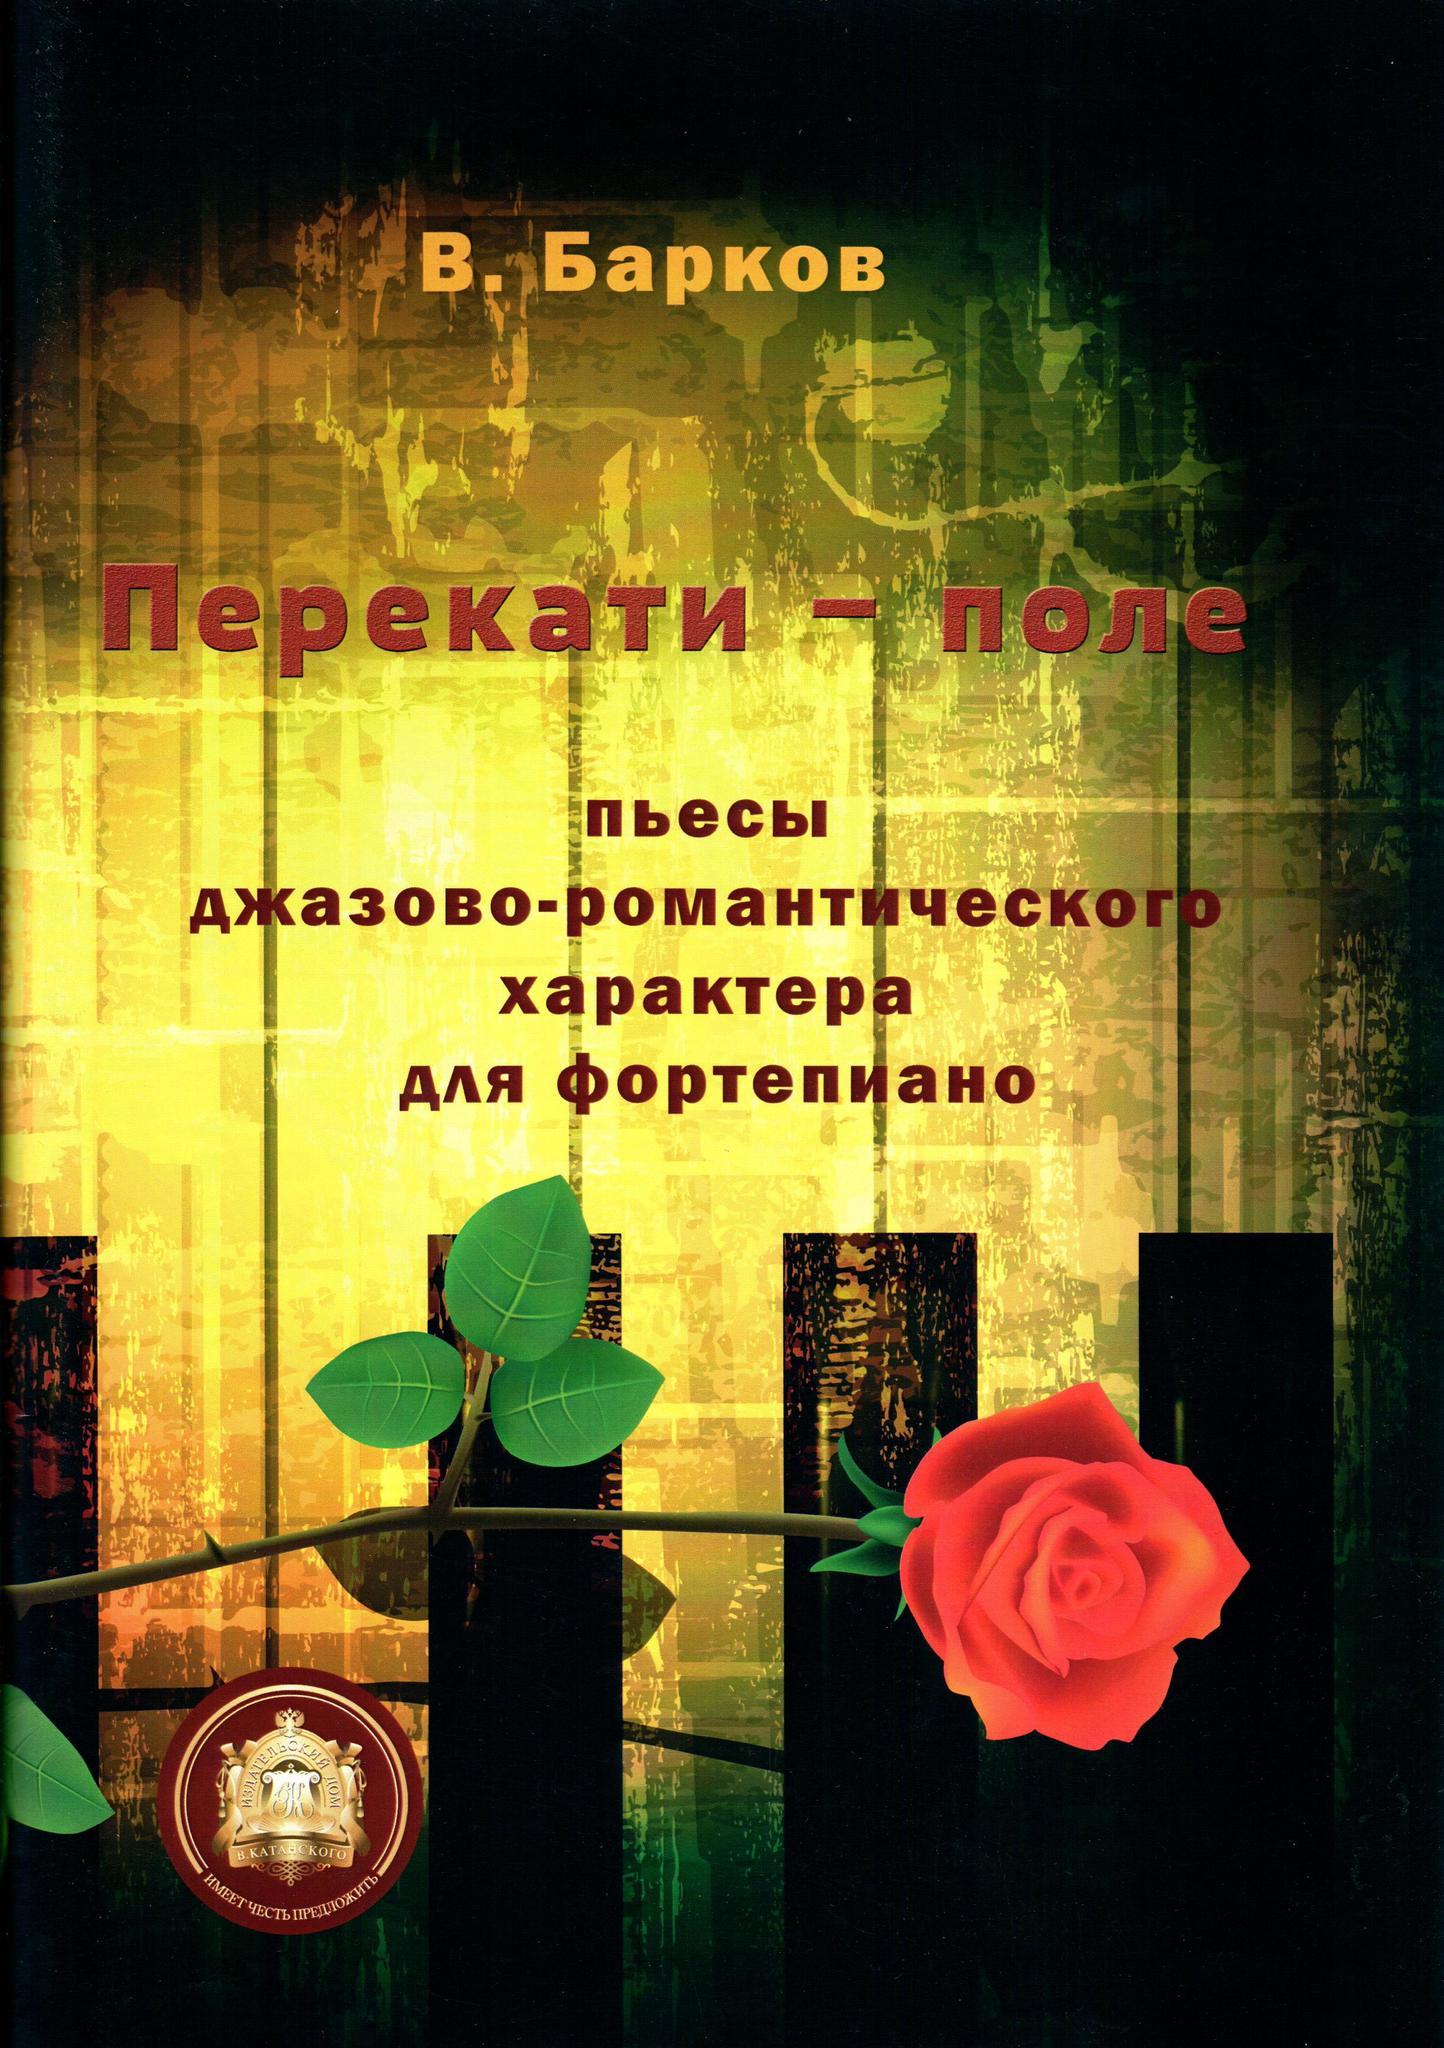 B. Барков. Перекати поле. Пьесы джазово-романтического характера для фортепиано